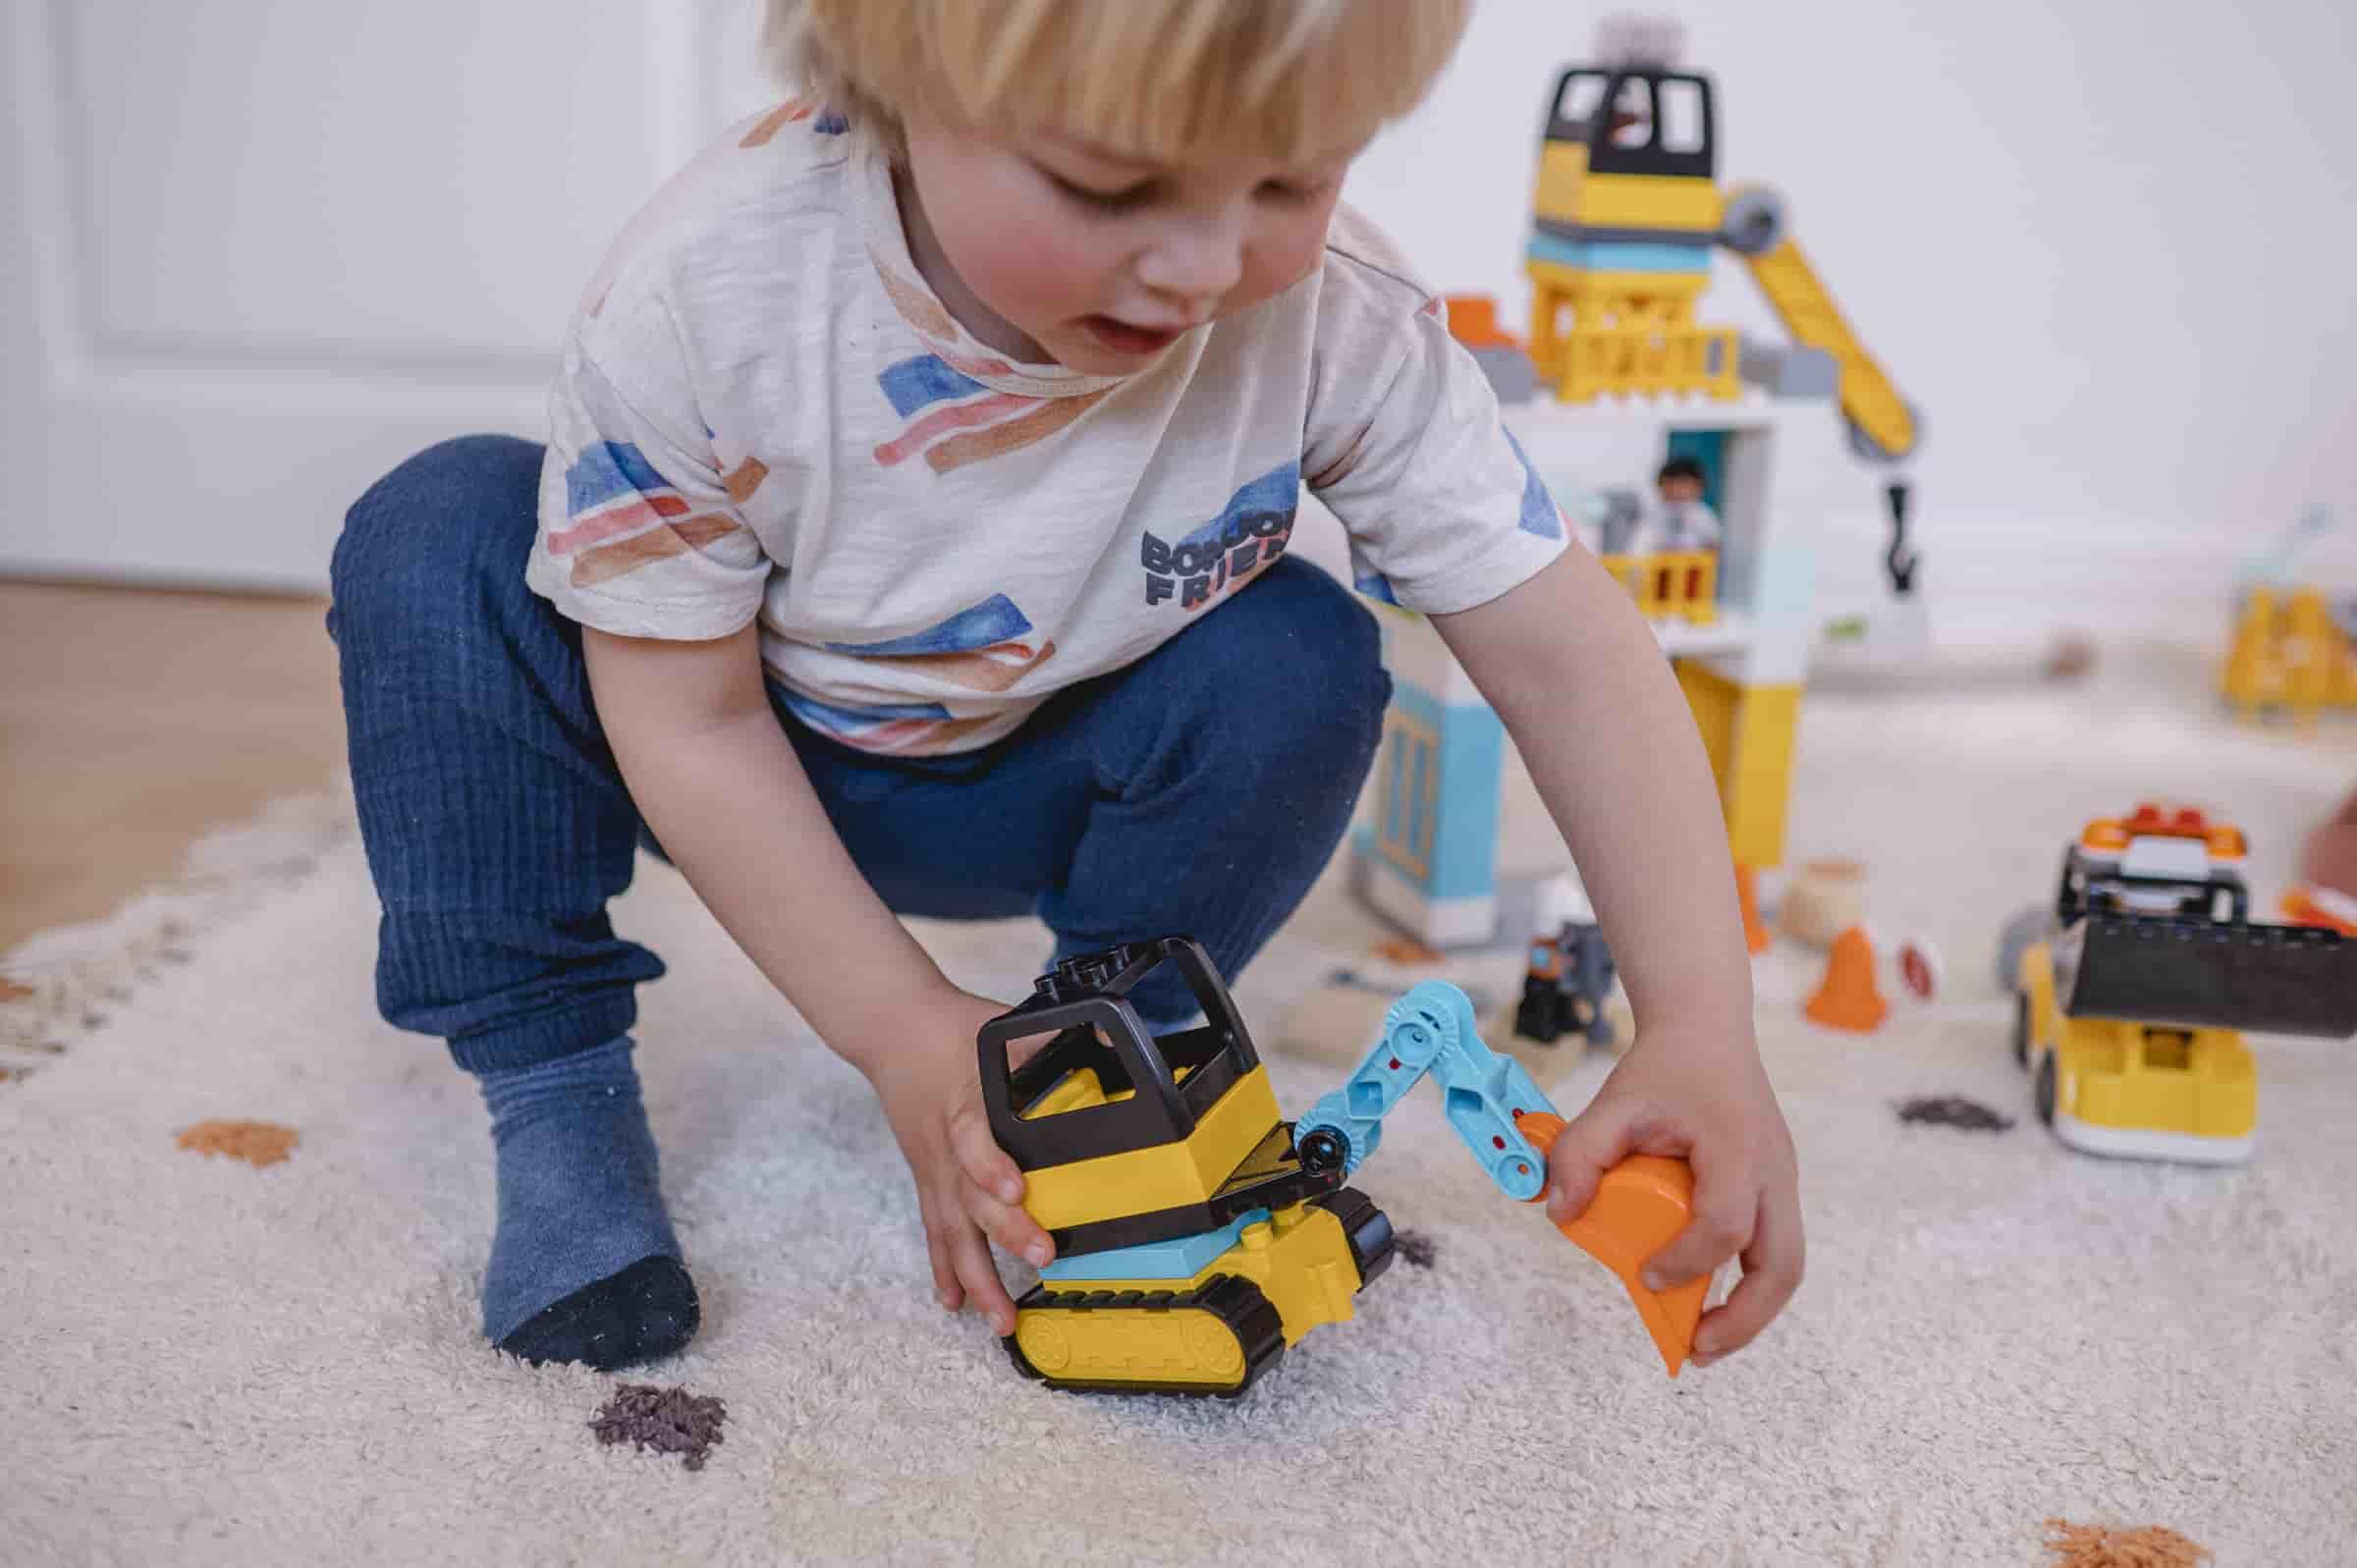 Mit den LEGO DUPLO Sets können Kinder in verschiedene Welten eintauchen.